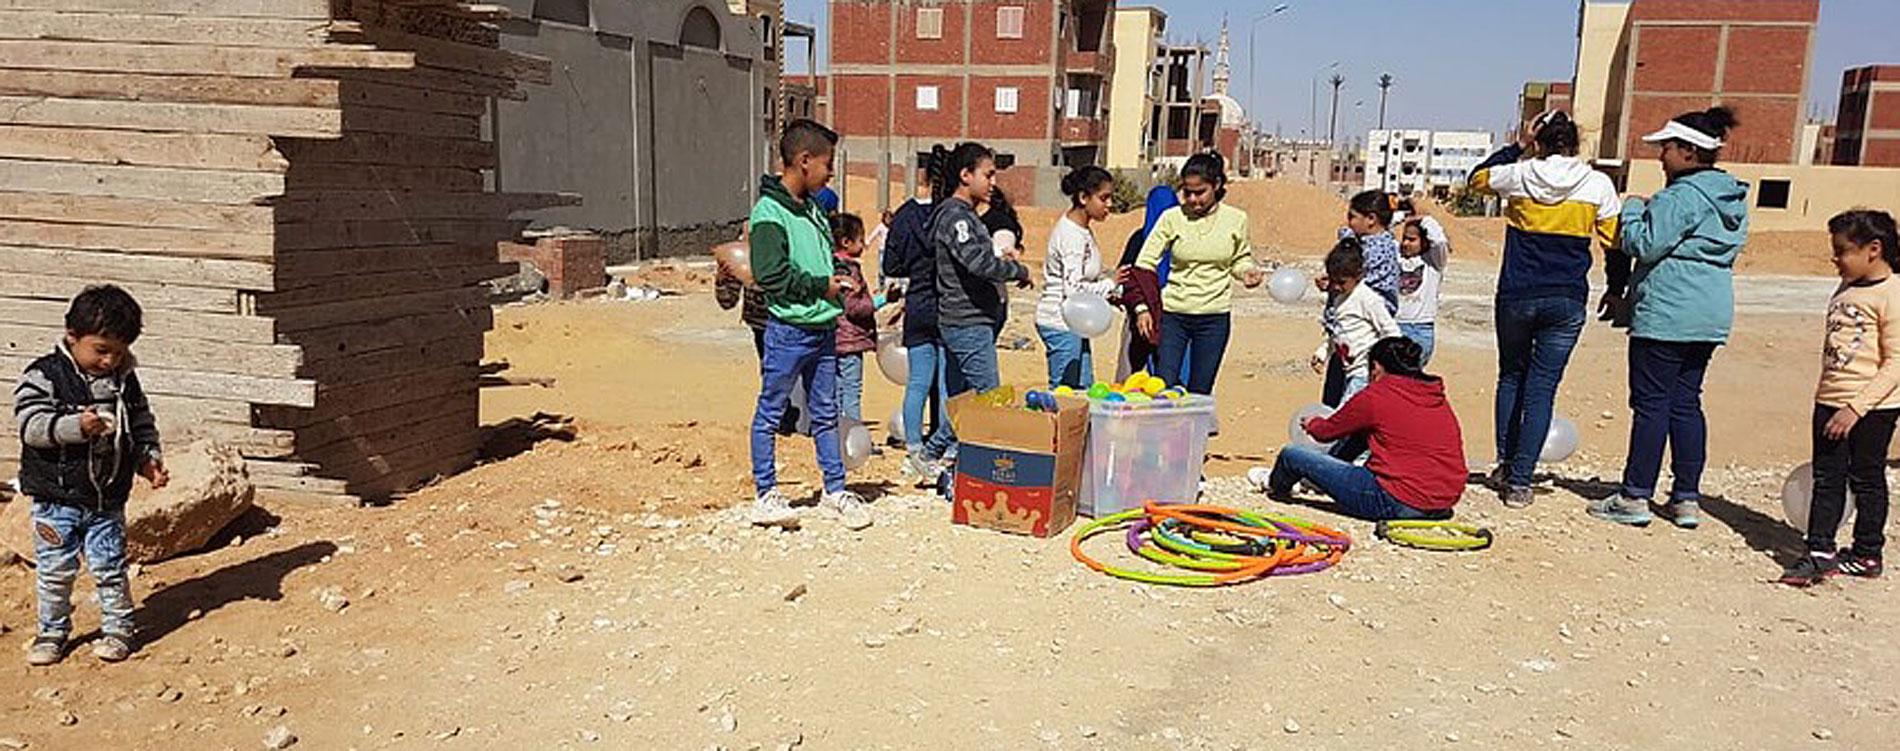 Ägypten: Fertigstellung einer Kirche und eines Gemeindesaals